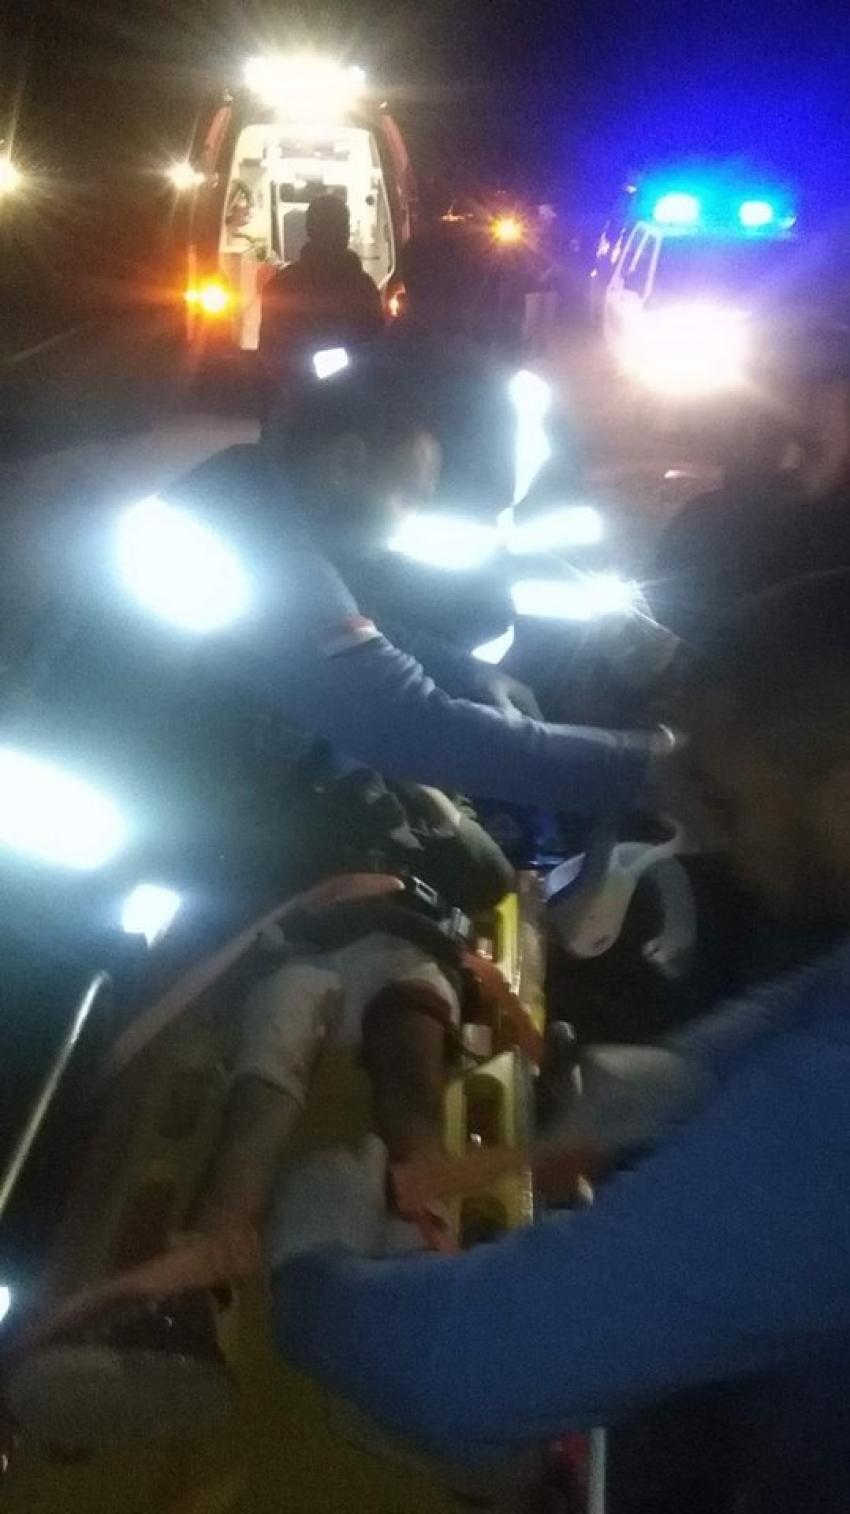 مصرع شخص وإصابة 11 في تصادم سيارتين على طريق السويس -القاهرة